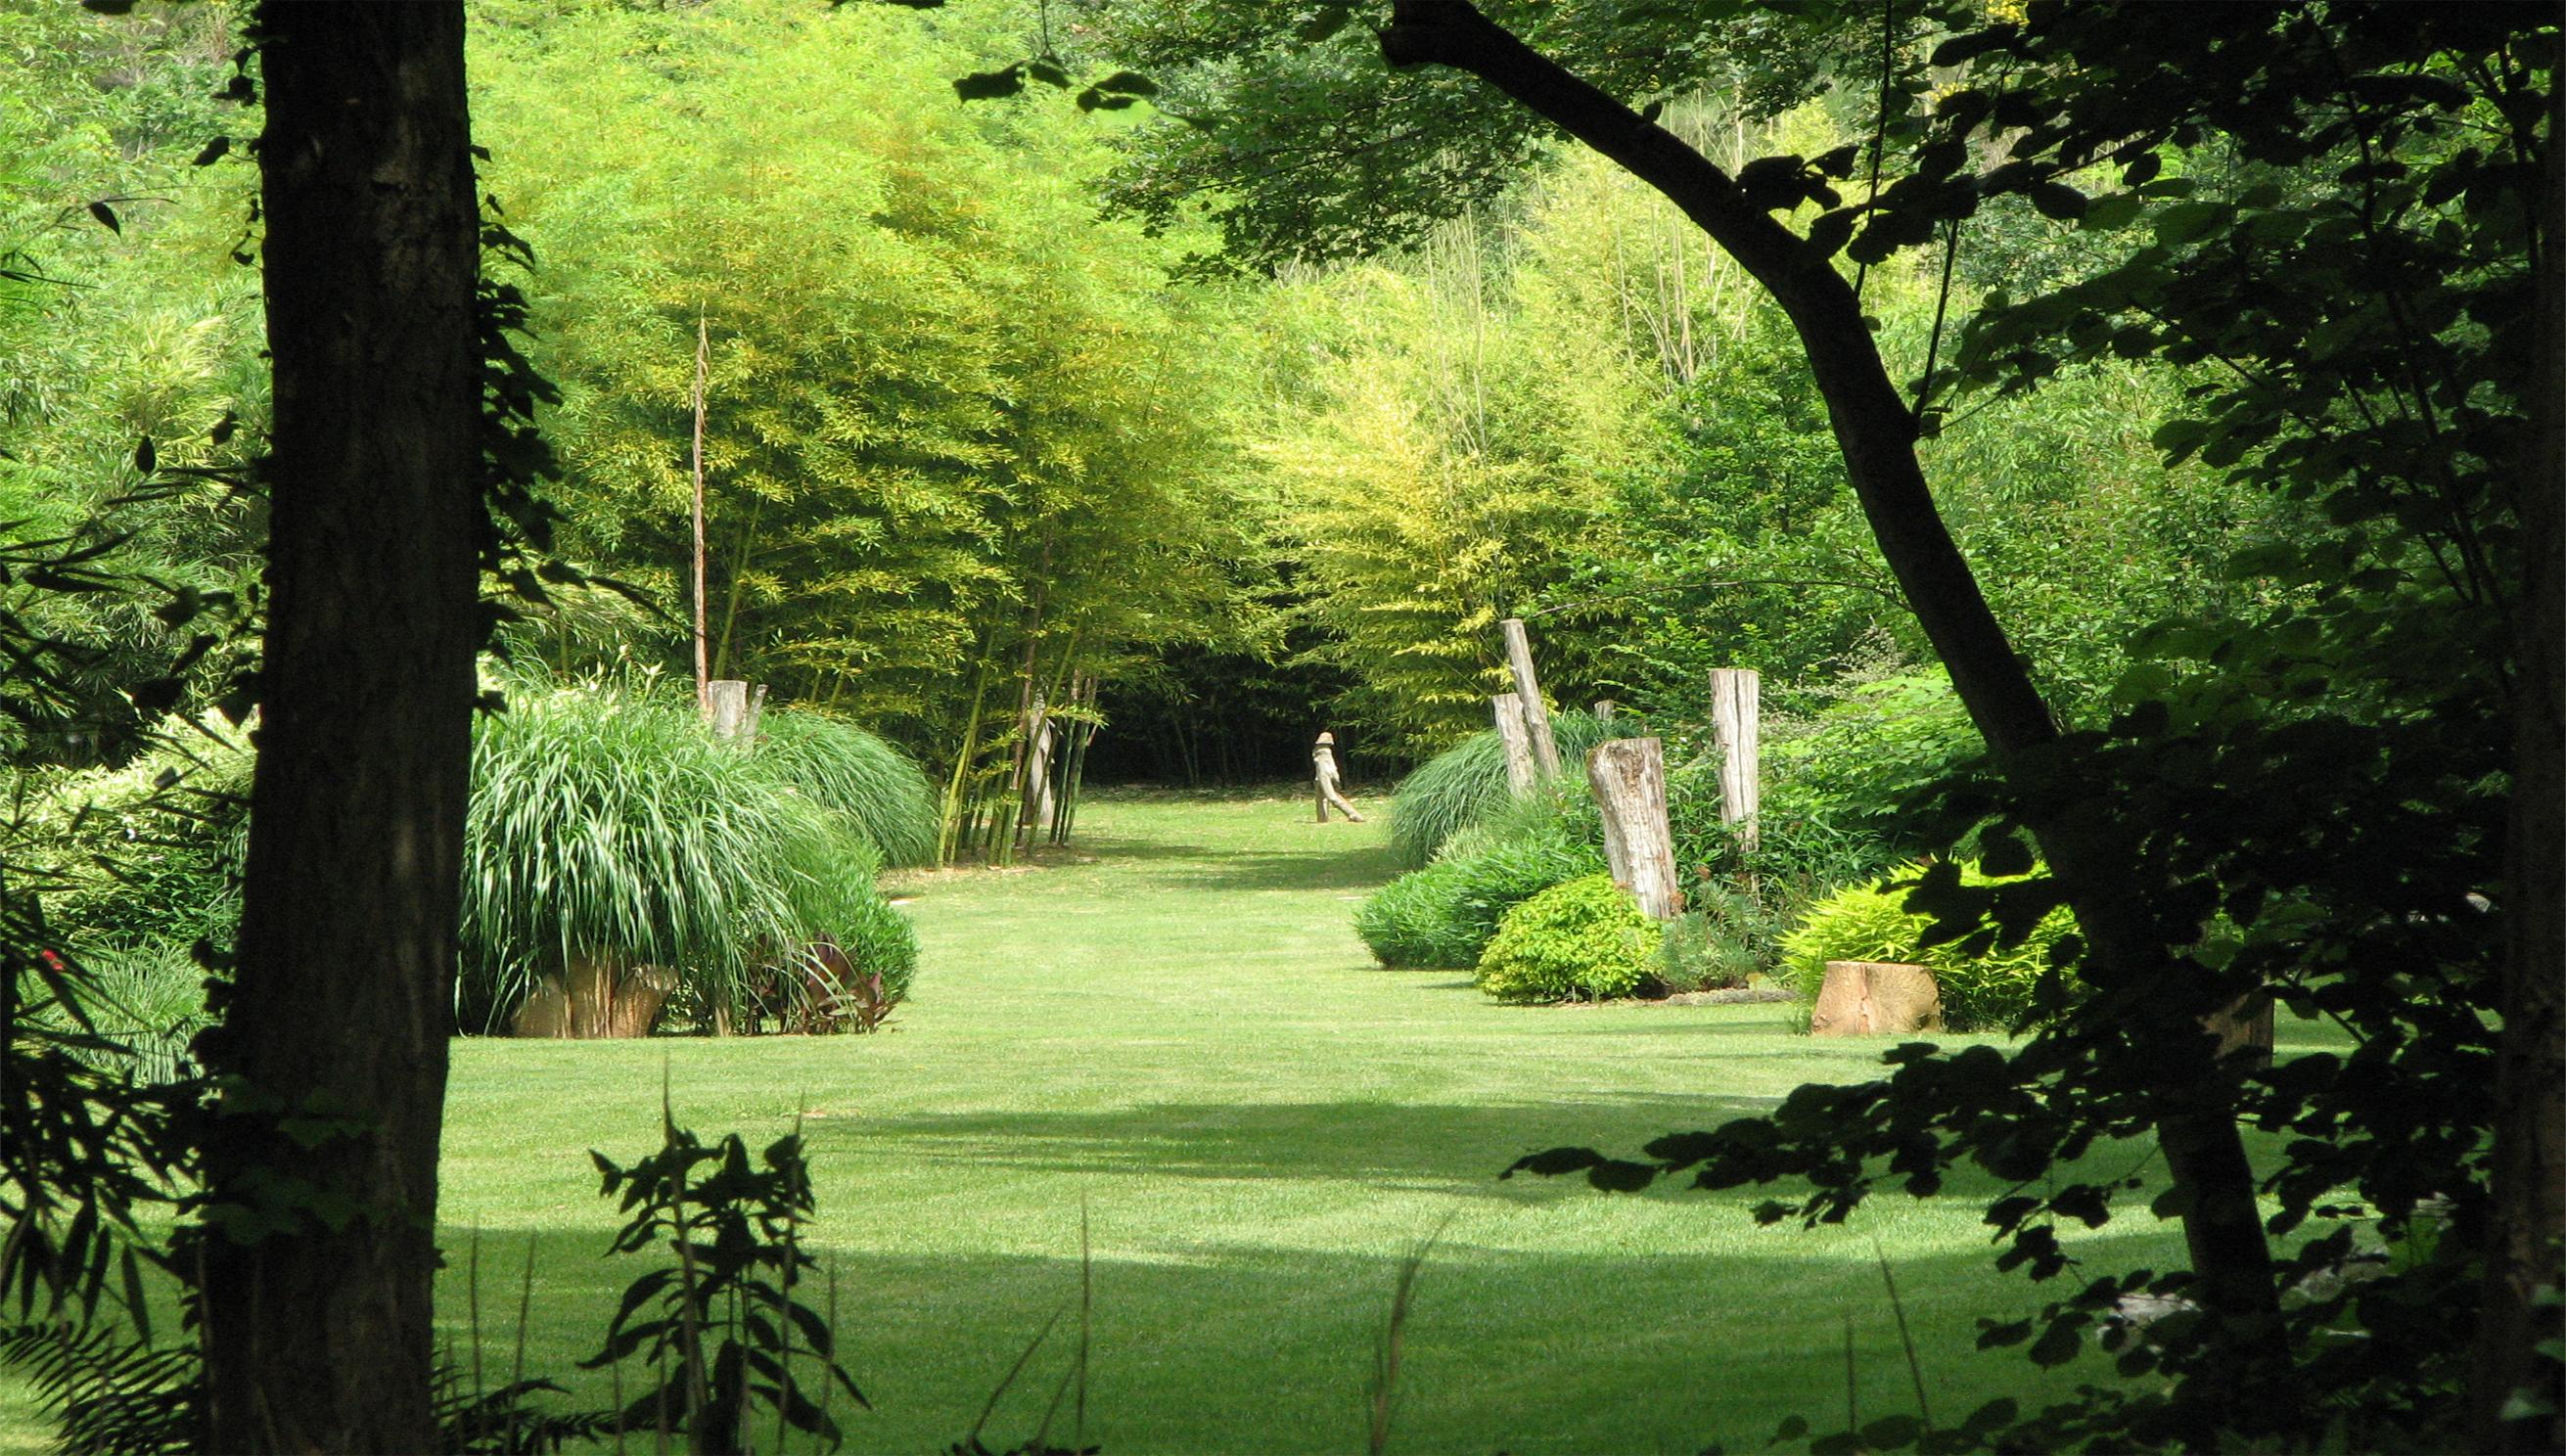 Le parc aux bambous lapenne for Jardin et parc 78